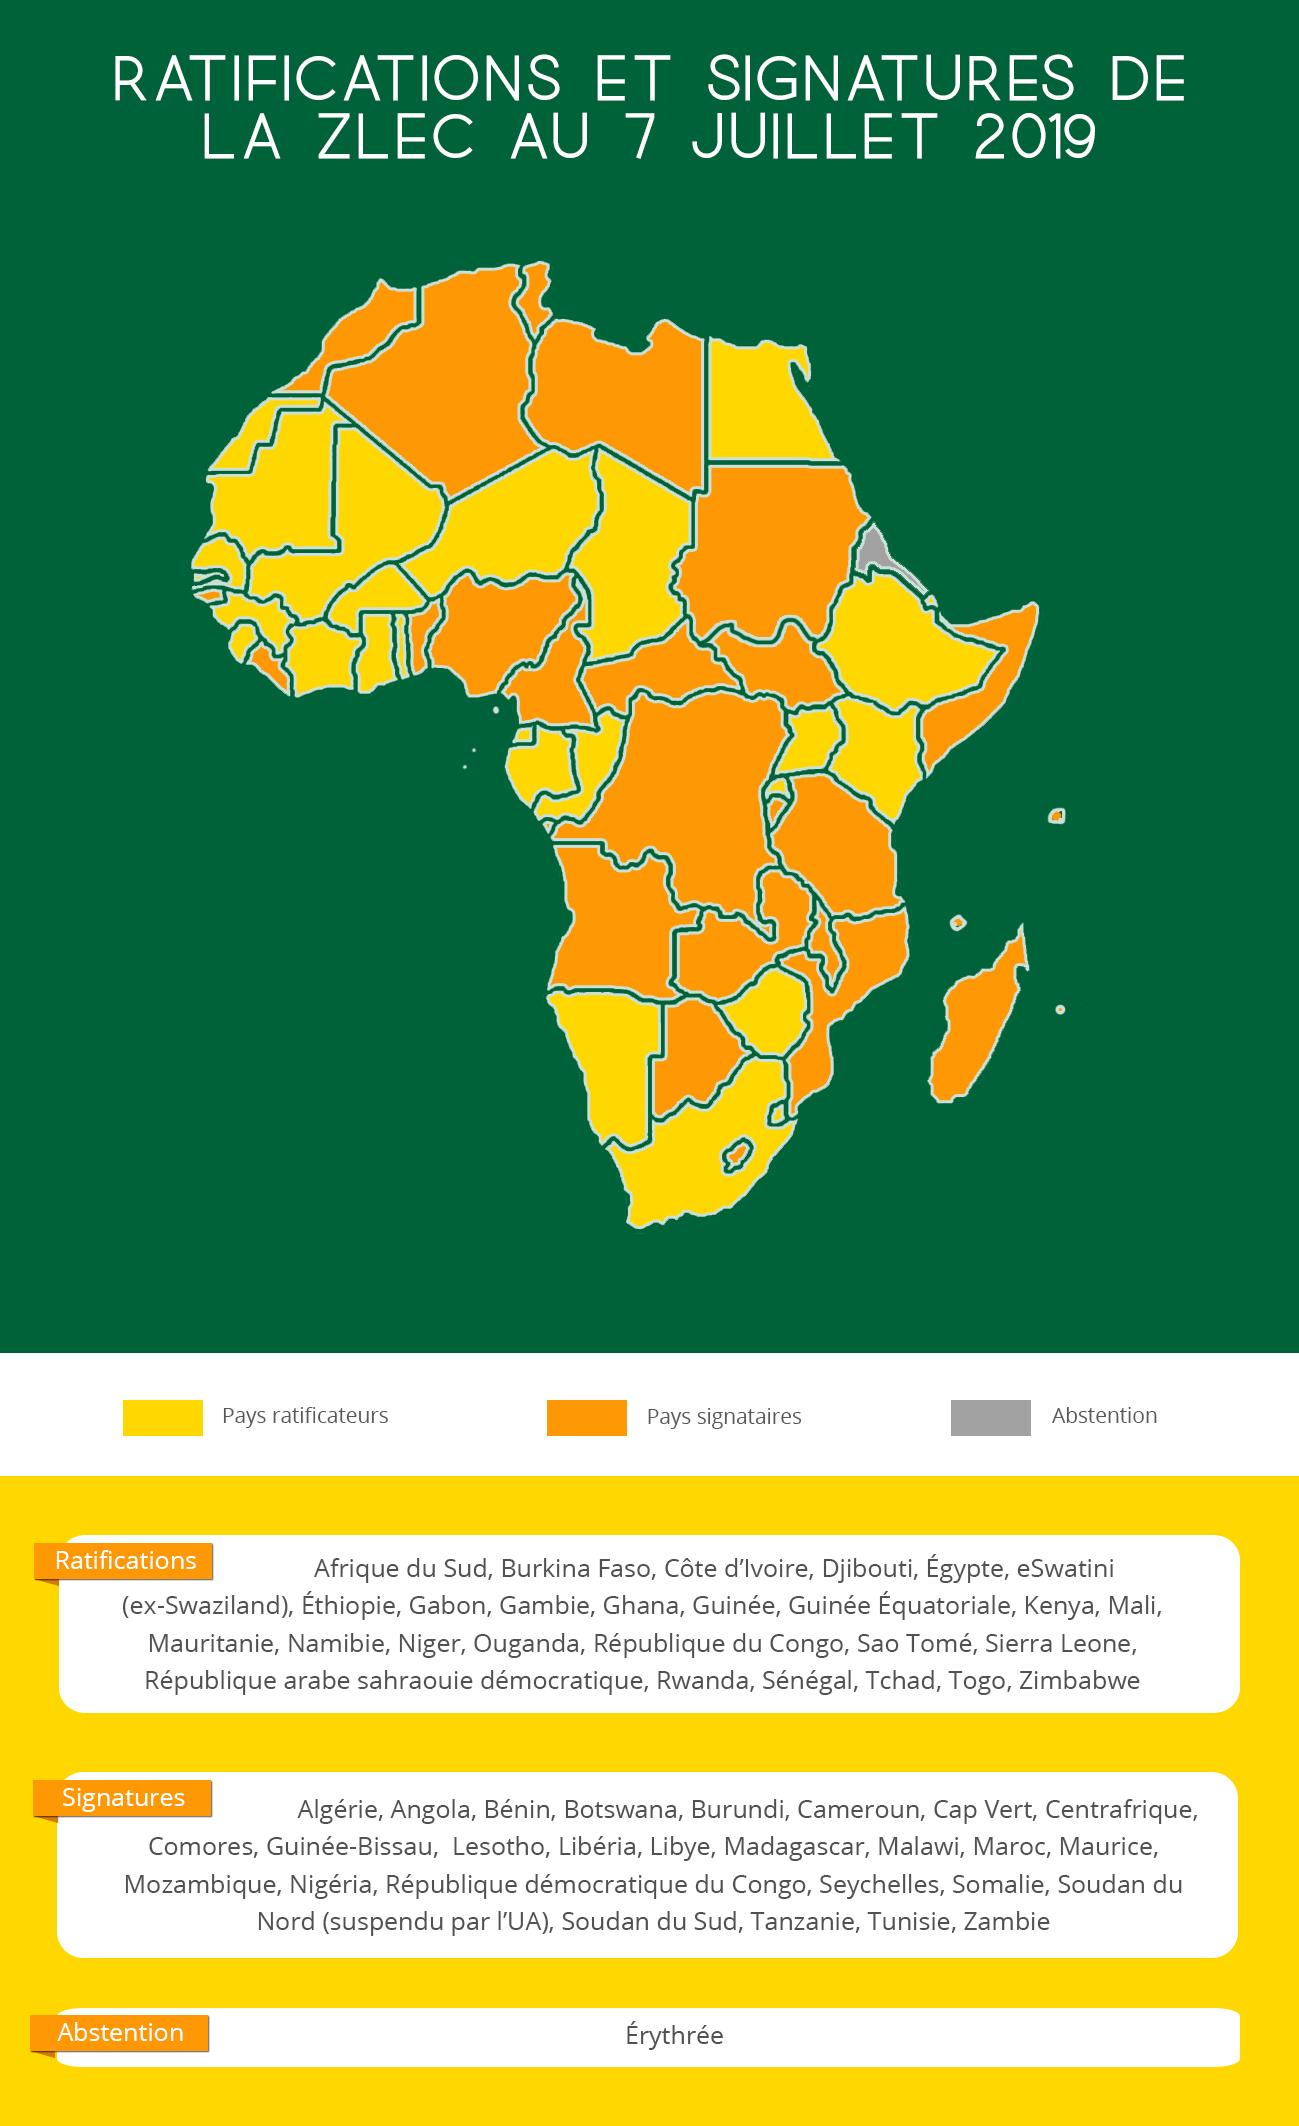 Une carte et un résumé sur les pays africains ayant signé et ratifié la ZLEC